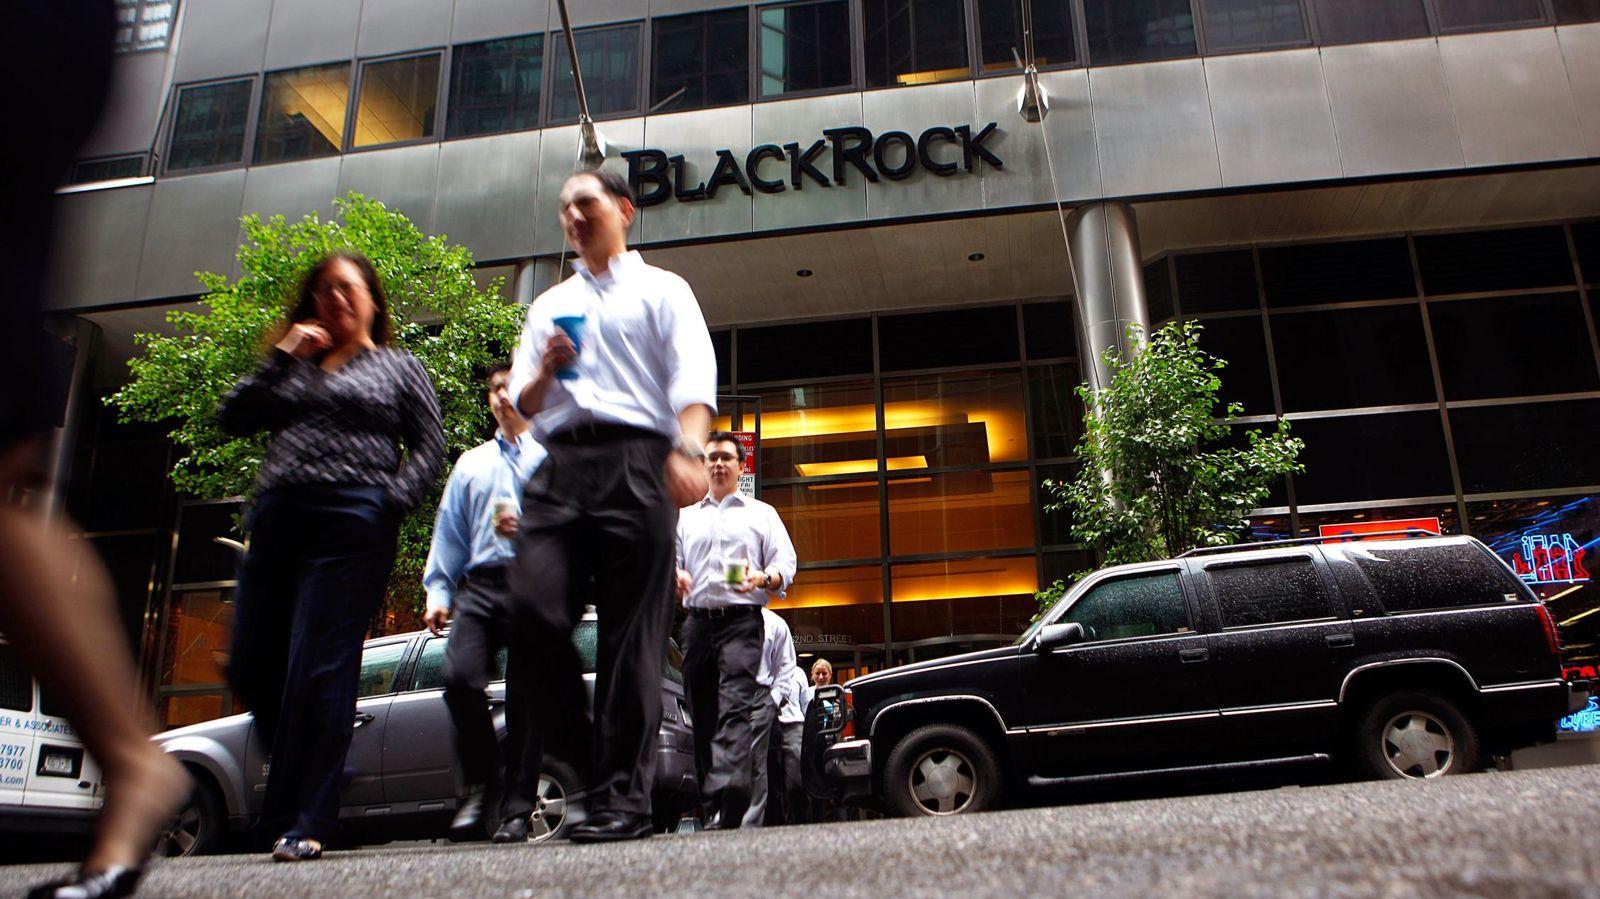 Foto: BlackRock vuelve a elevar su participación en Banco Santander por encima del 5%